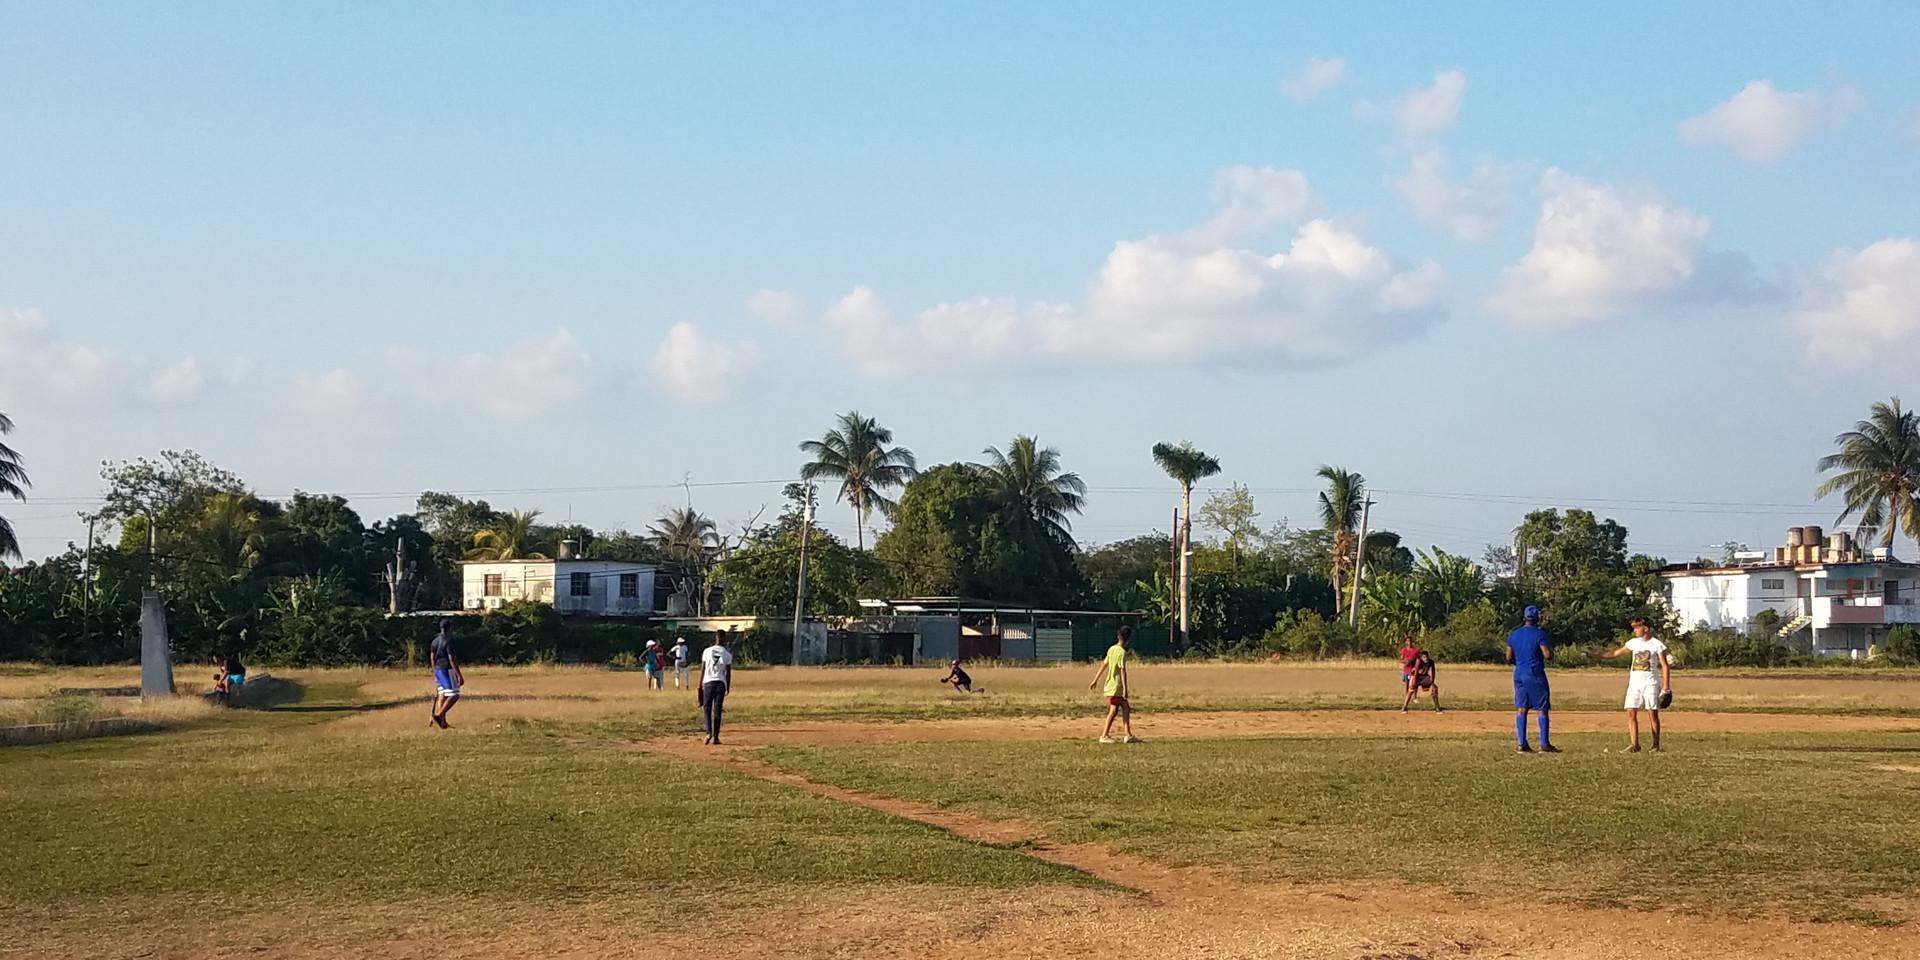 Baseball field near New Jerusalem in Havana